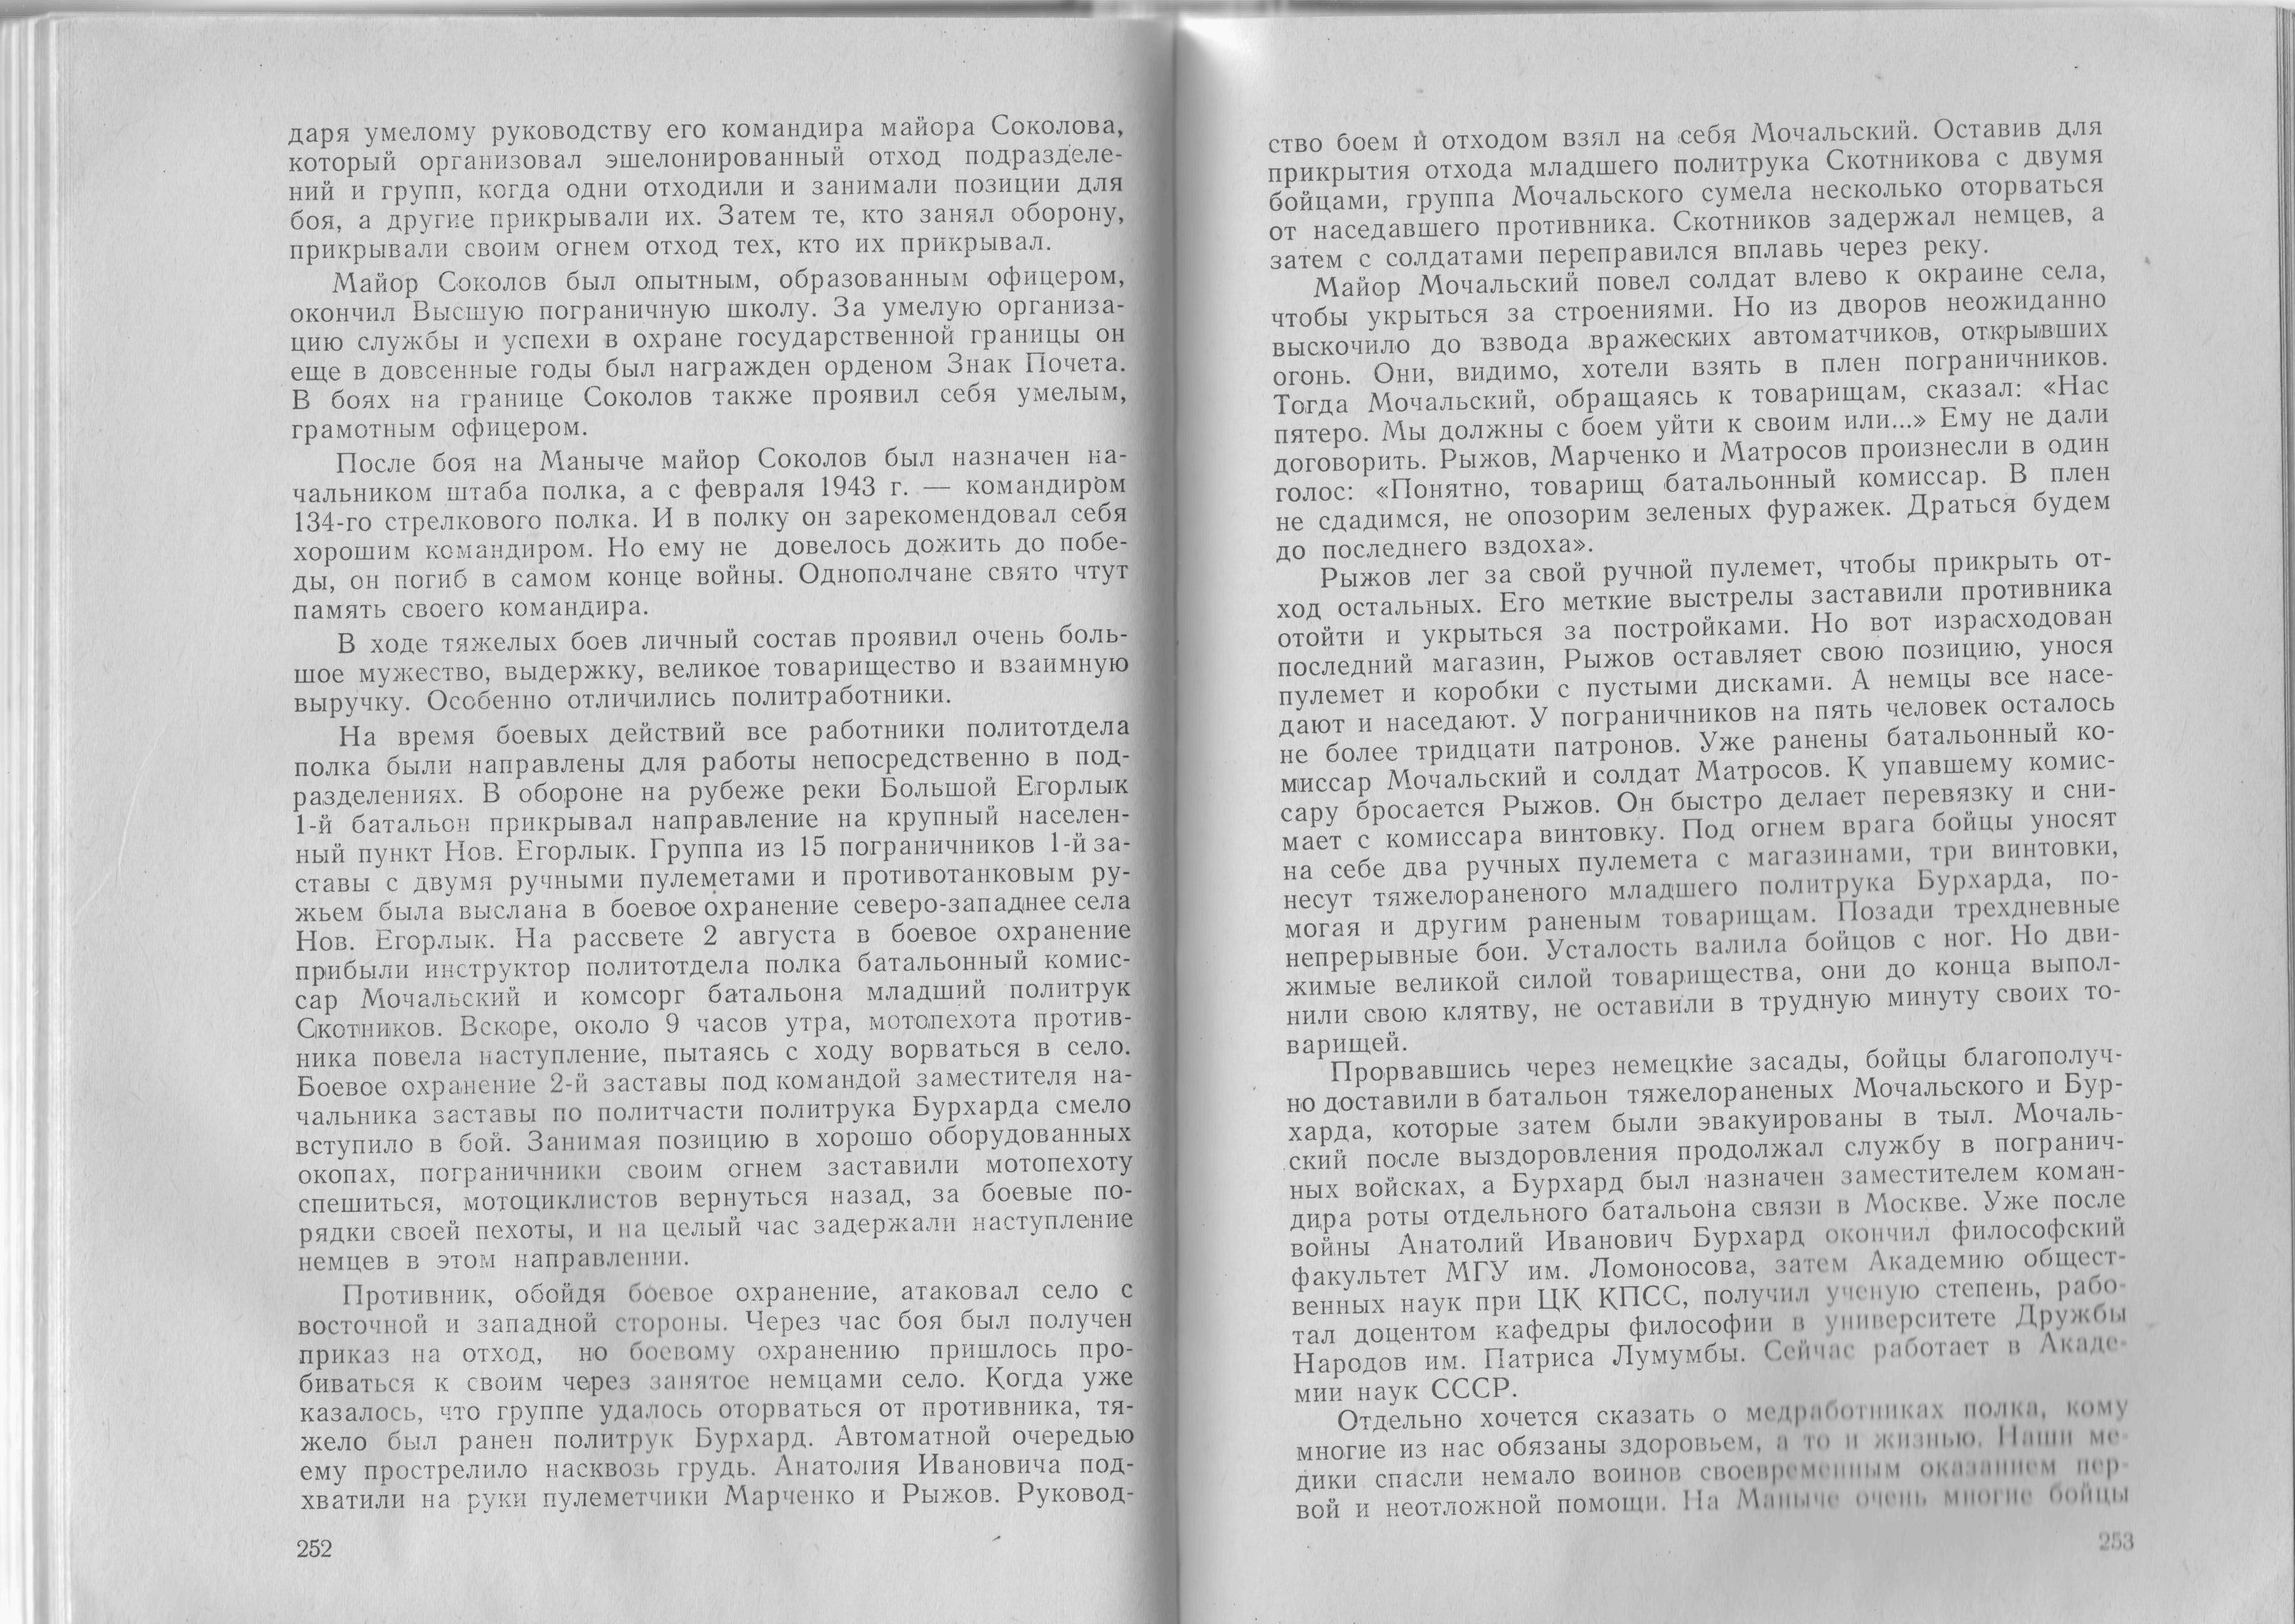 Книга «На страже границ Советского государства» (текст С. Е. Капустина) - Страница 252-253